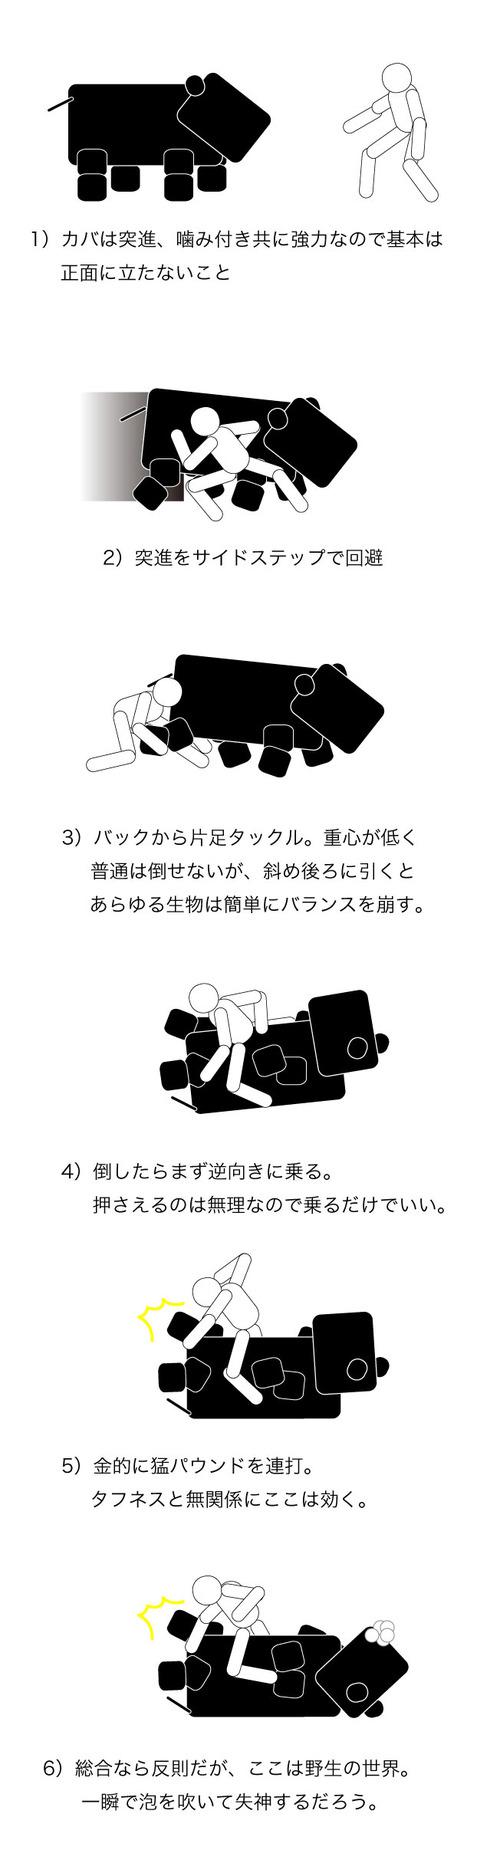 171_3.jpg